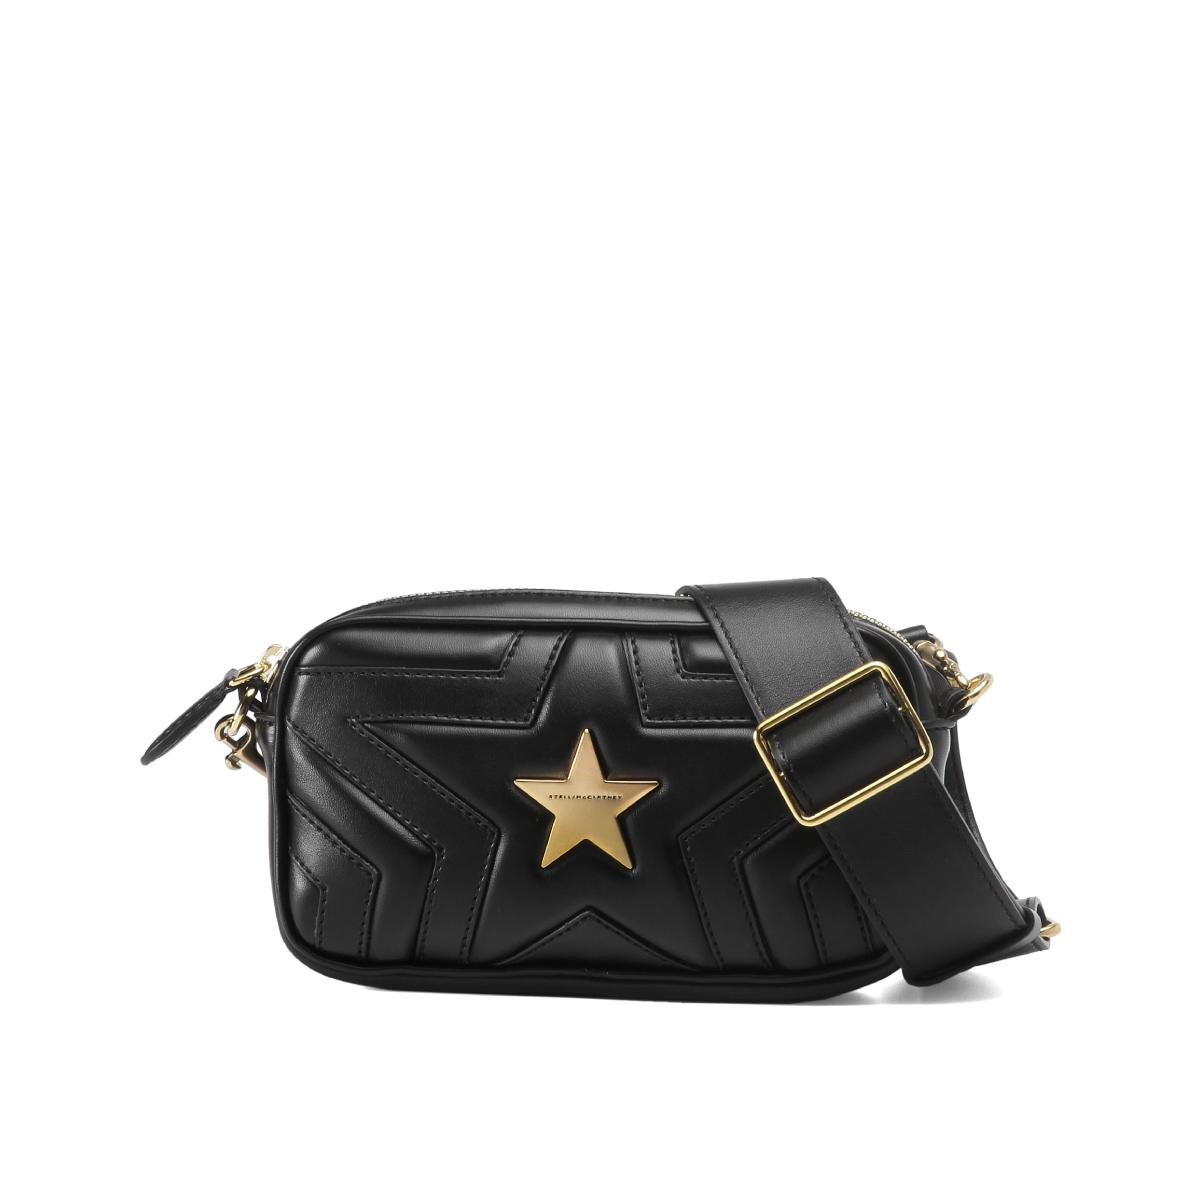 ステラ マッカートニー STELLA McCARTNEY バッグ レディース 529309 W8214 1000 ウエストバッグ STELLA STAR ステラ スター BLACK ブラック